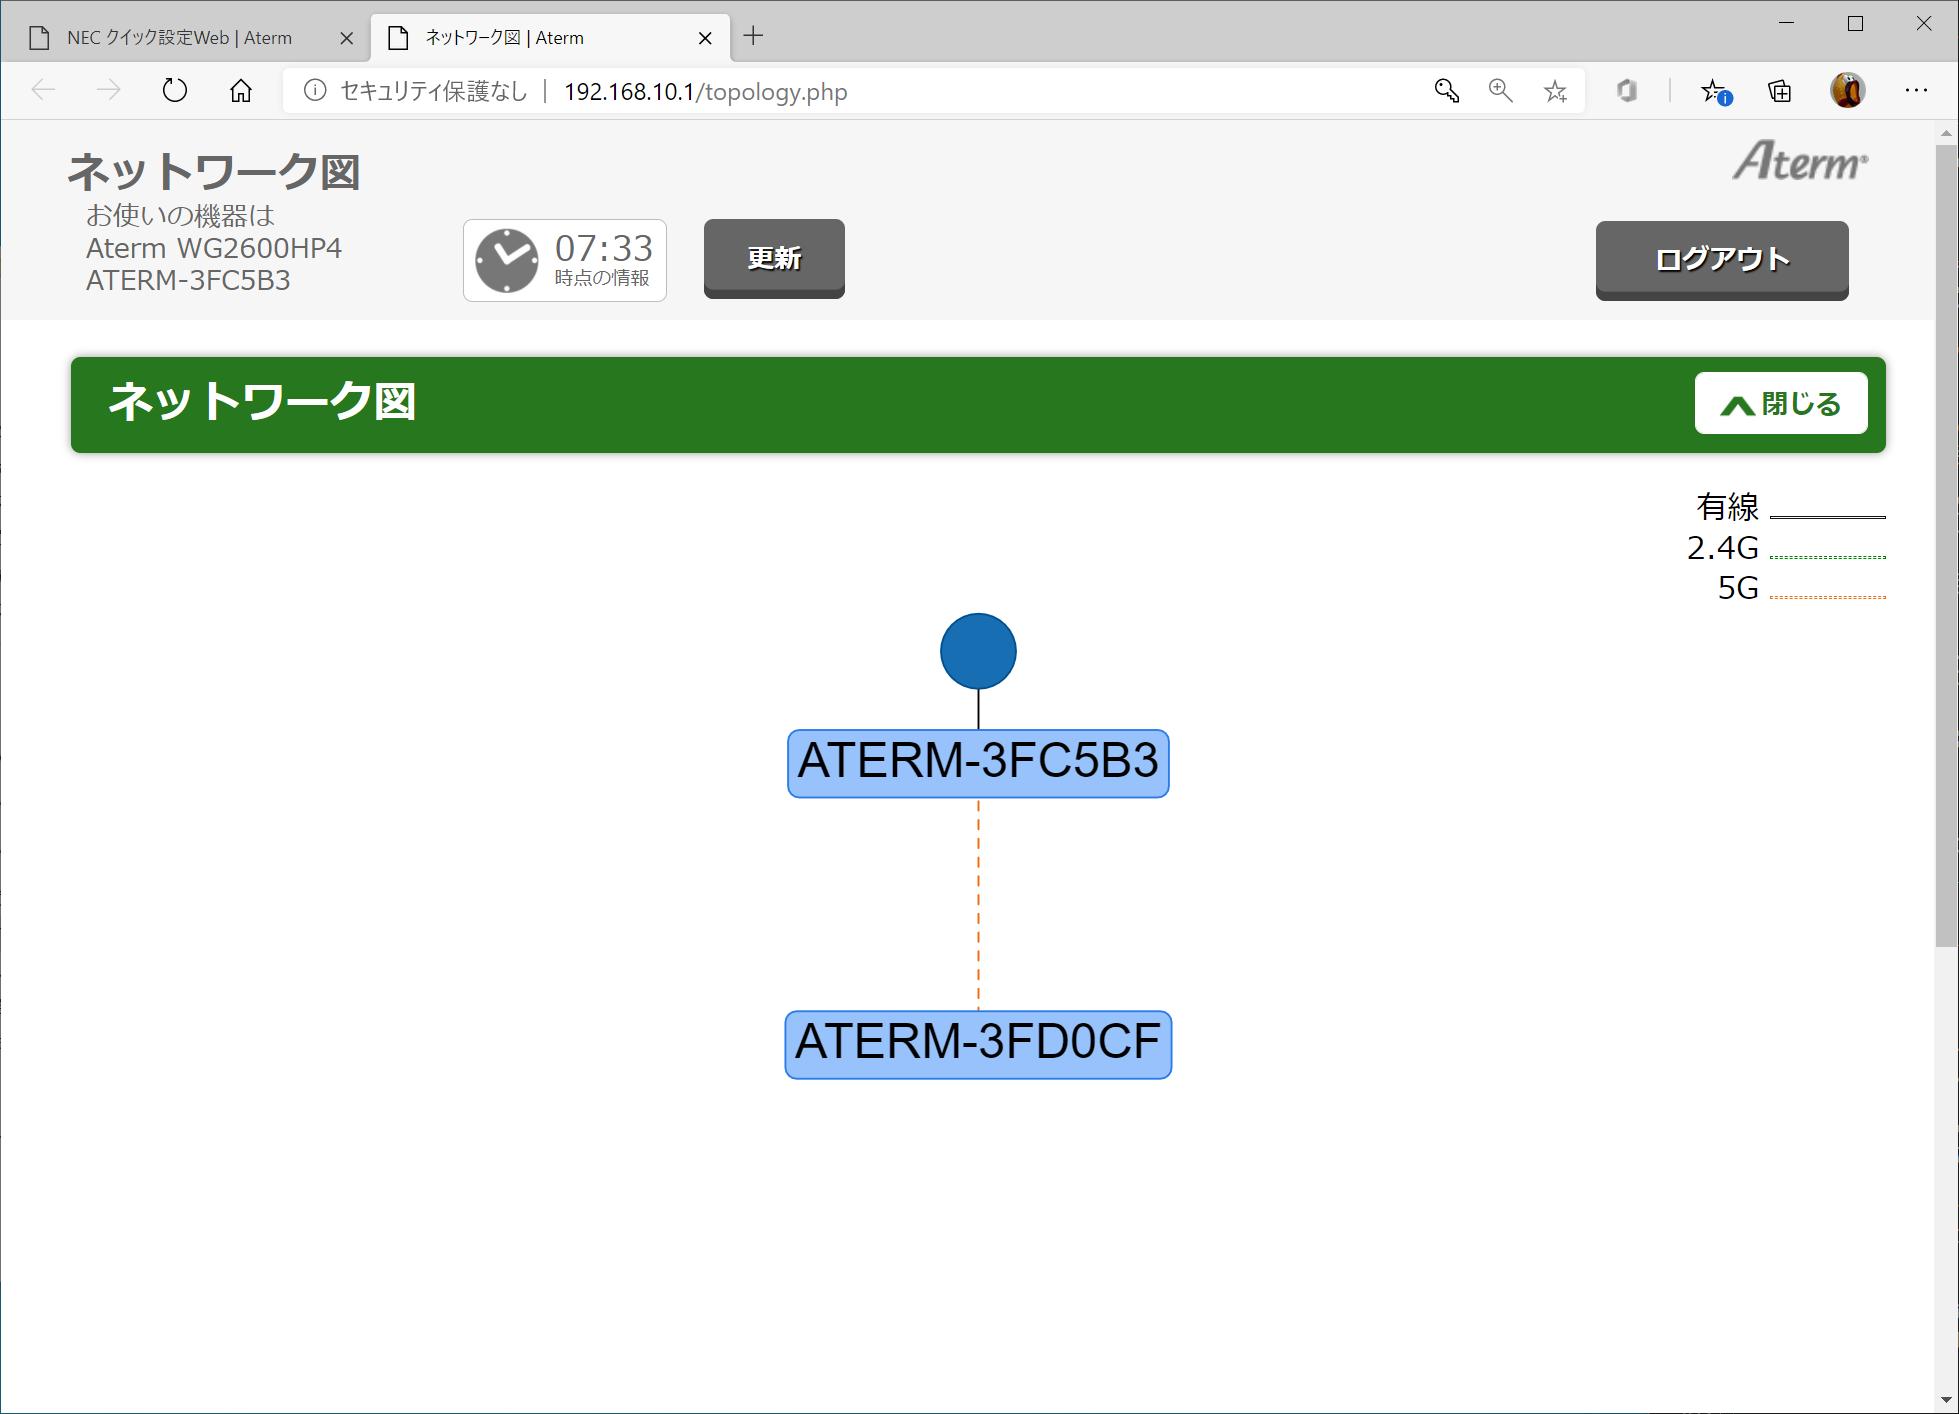 2台のアクセスポイントの接続状態をグラフィカルに確認可能。画面ではバックホールが5GHz帯で接続されていることが分かる